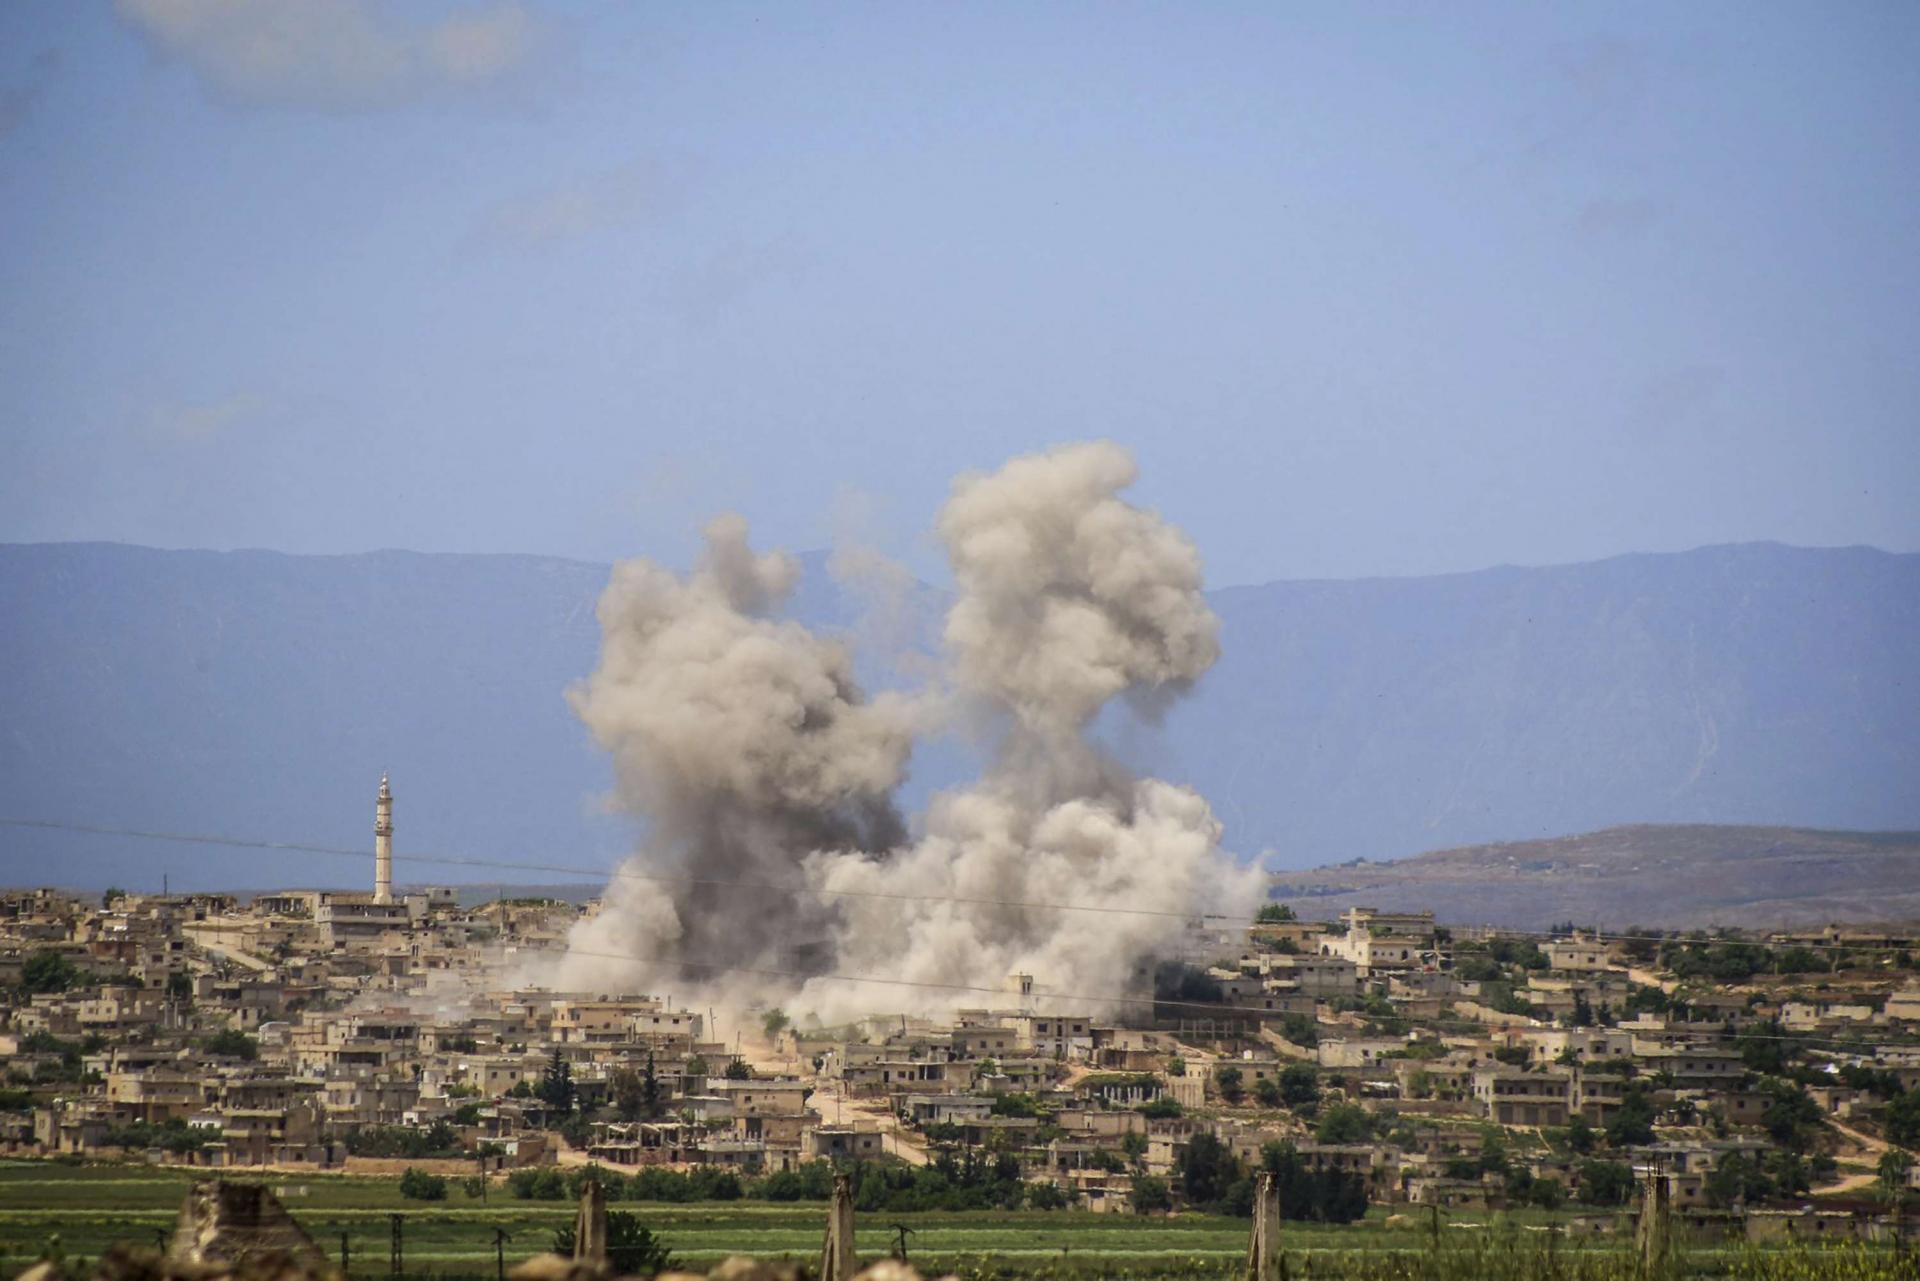 لليوم الثاني على التوالي.. روسيا والنظام تواصلان استهداف قرى وبلدات ريف إدلب (فيديو)